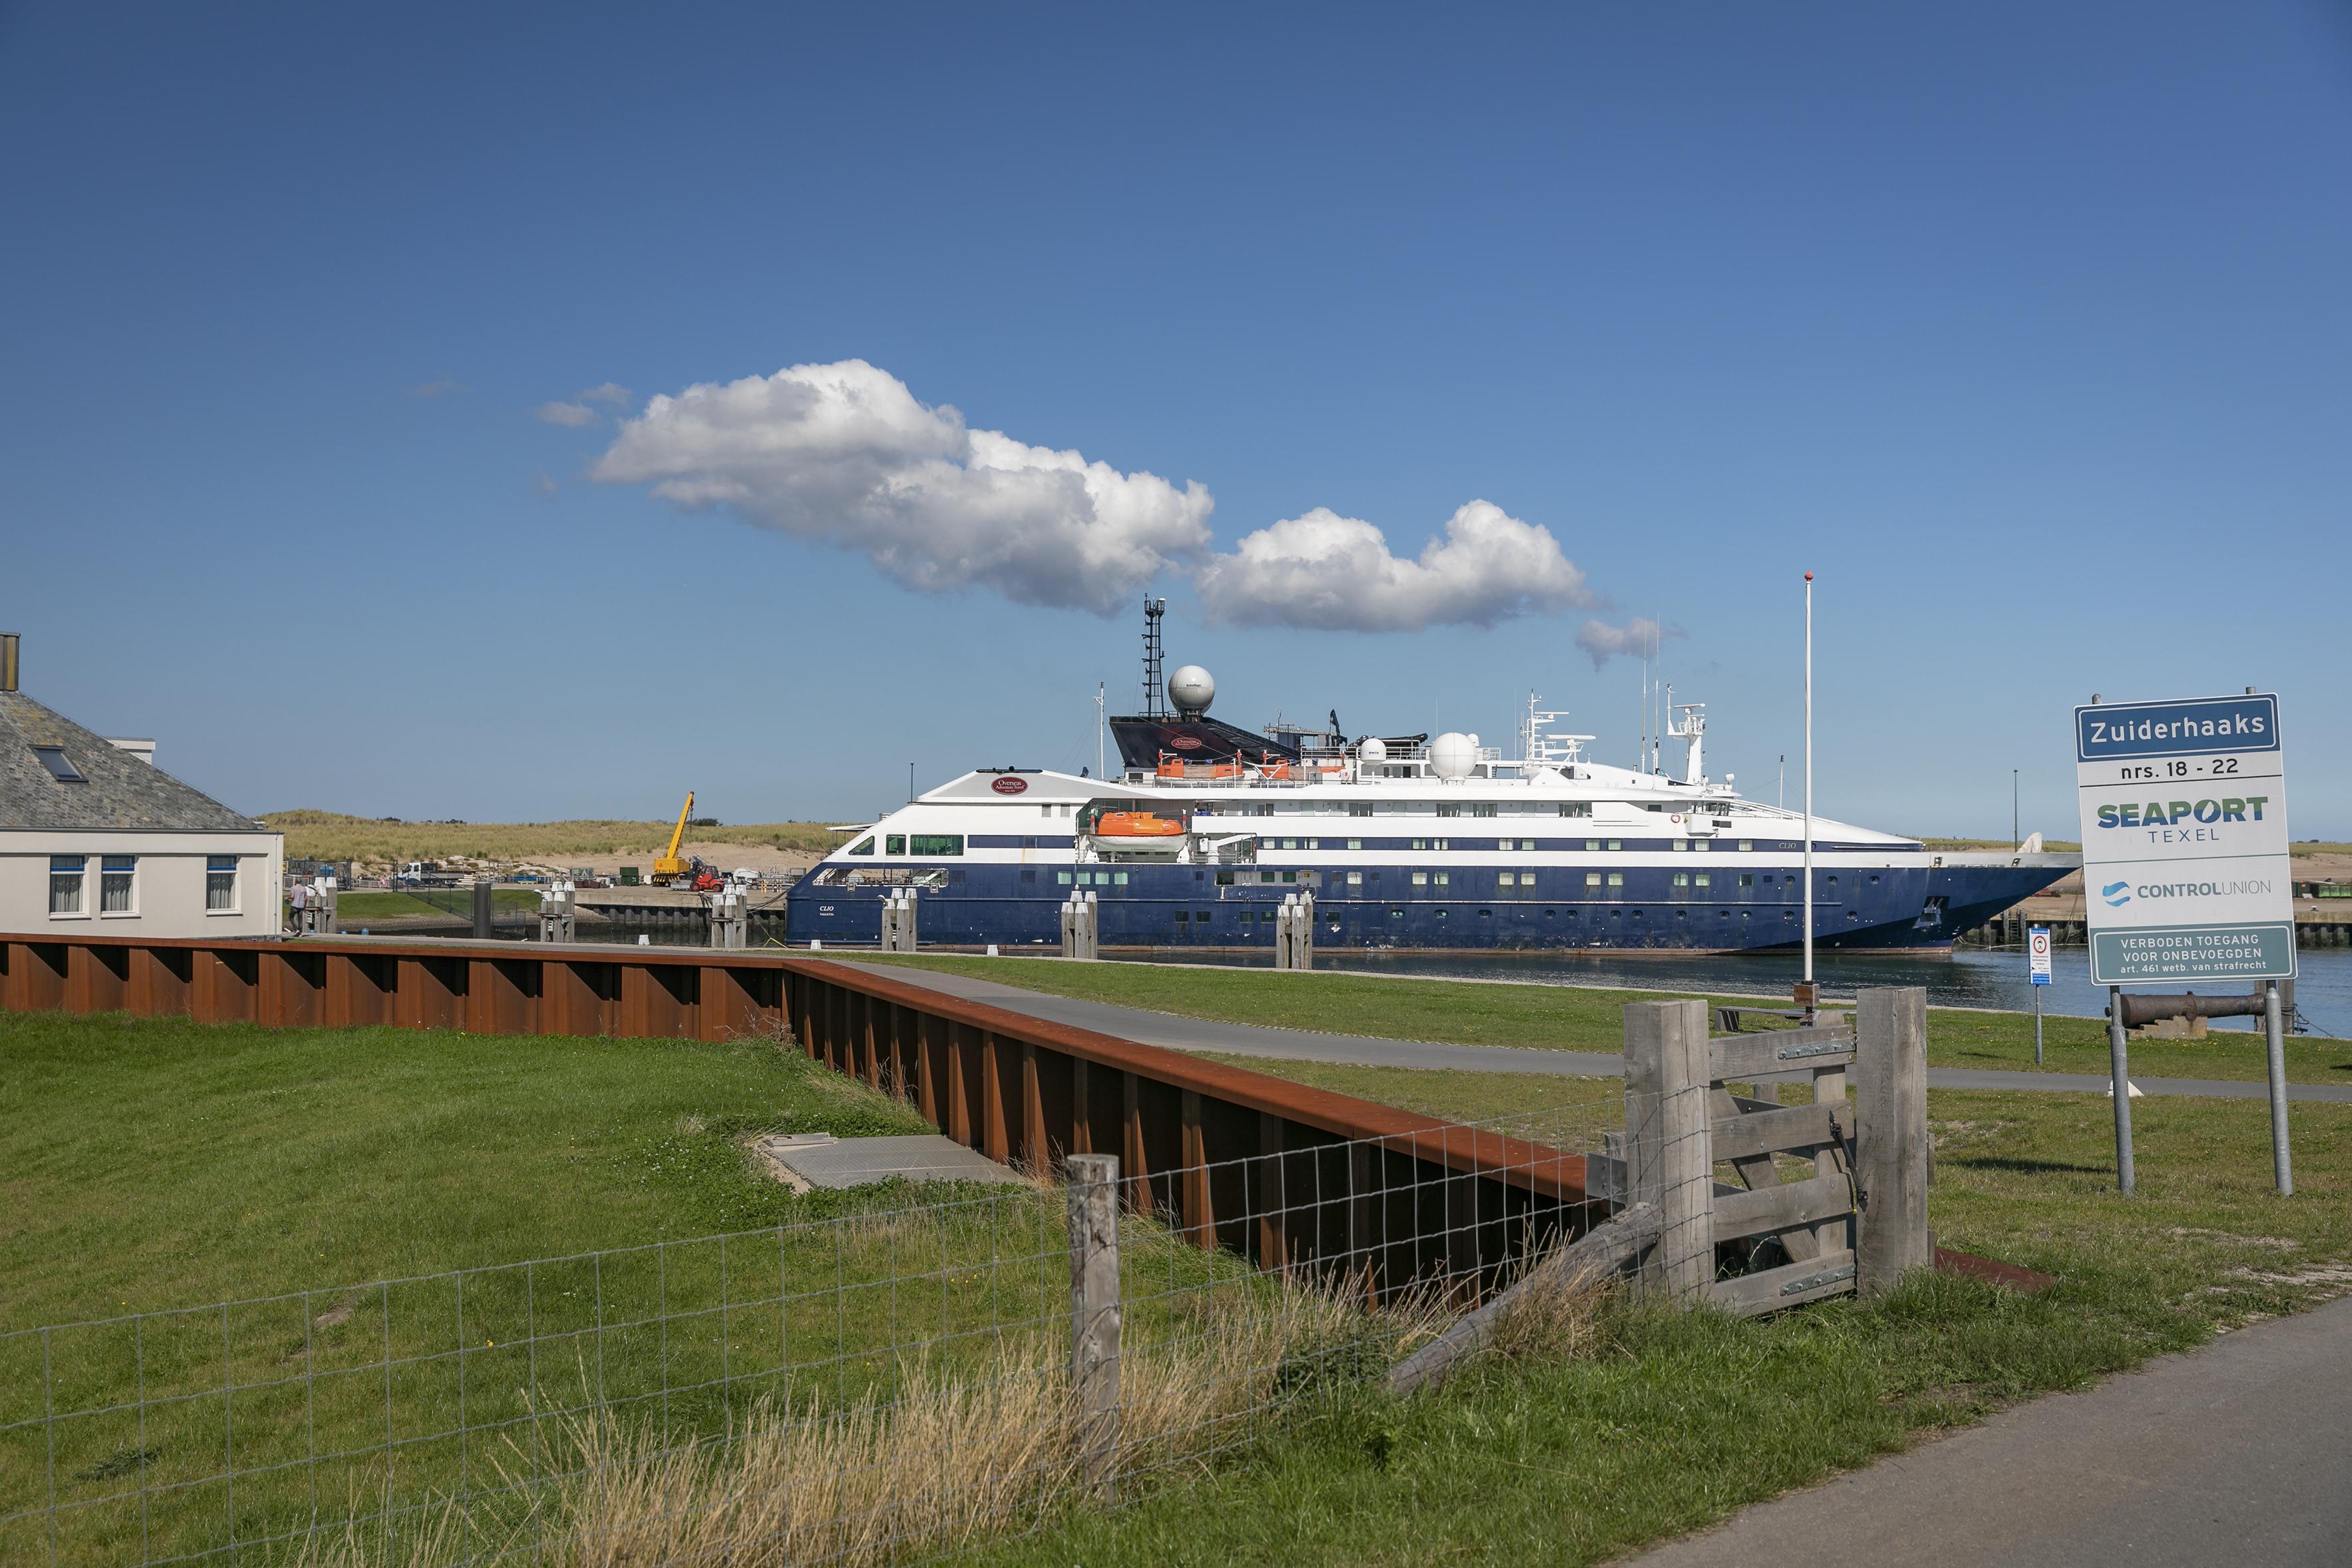 Wat torent daar boven het vlakke polderlandschap uit? Cruiseschepen op een plek op Texel waar je ze niet verwacht